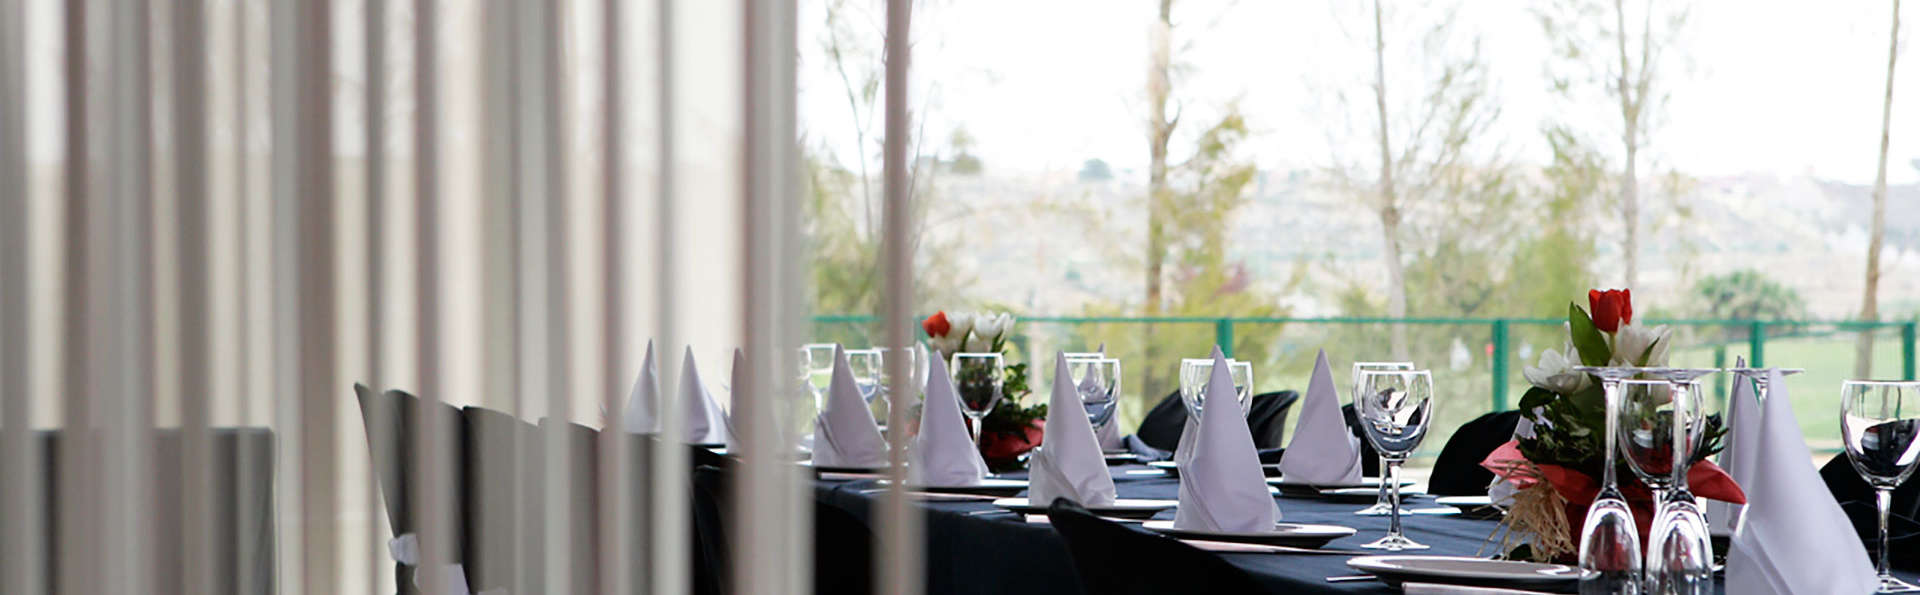 Détente, dîner et déconnexion dans un hôtel de luxe 5 étoiles.